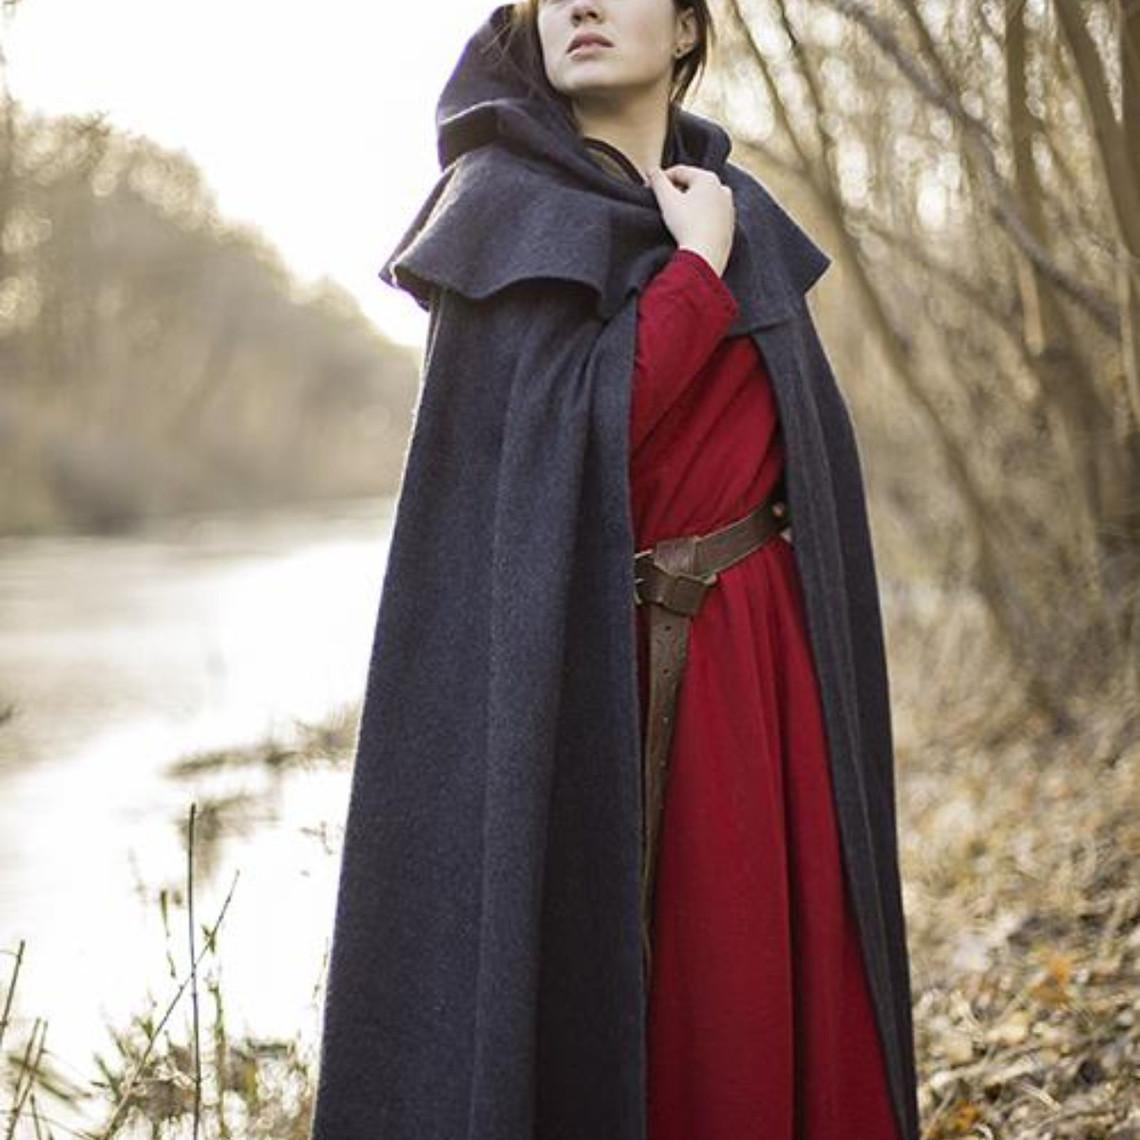 Epic Armoury Średniowieczny płaszcz z kapturem Thomas, szary